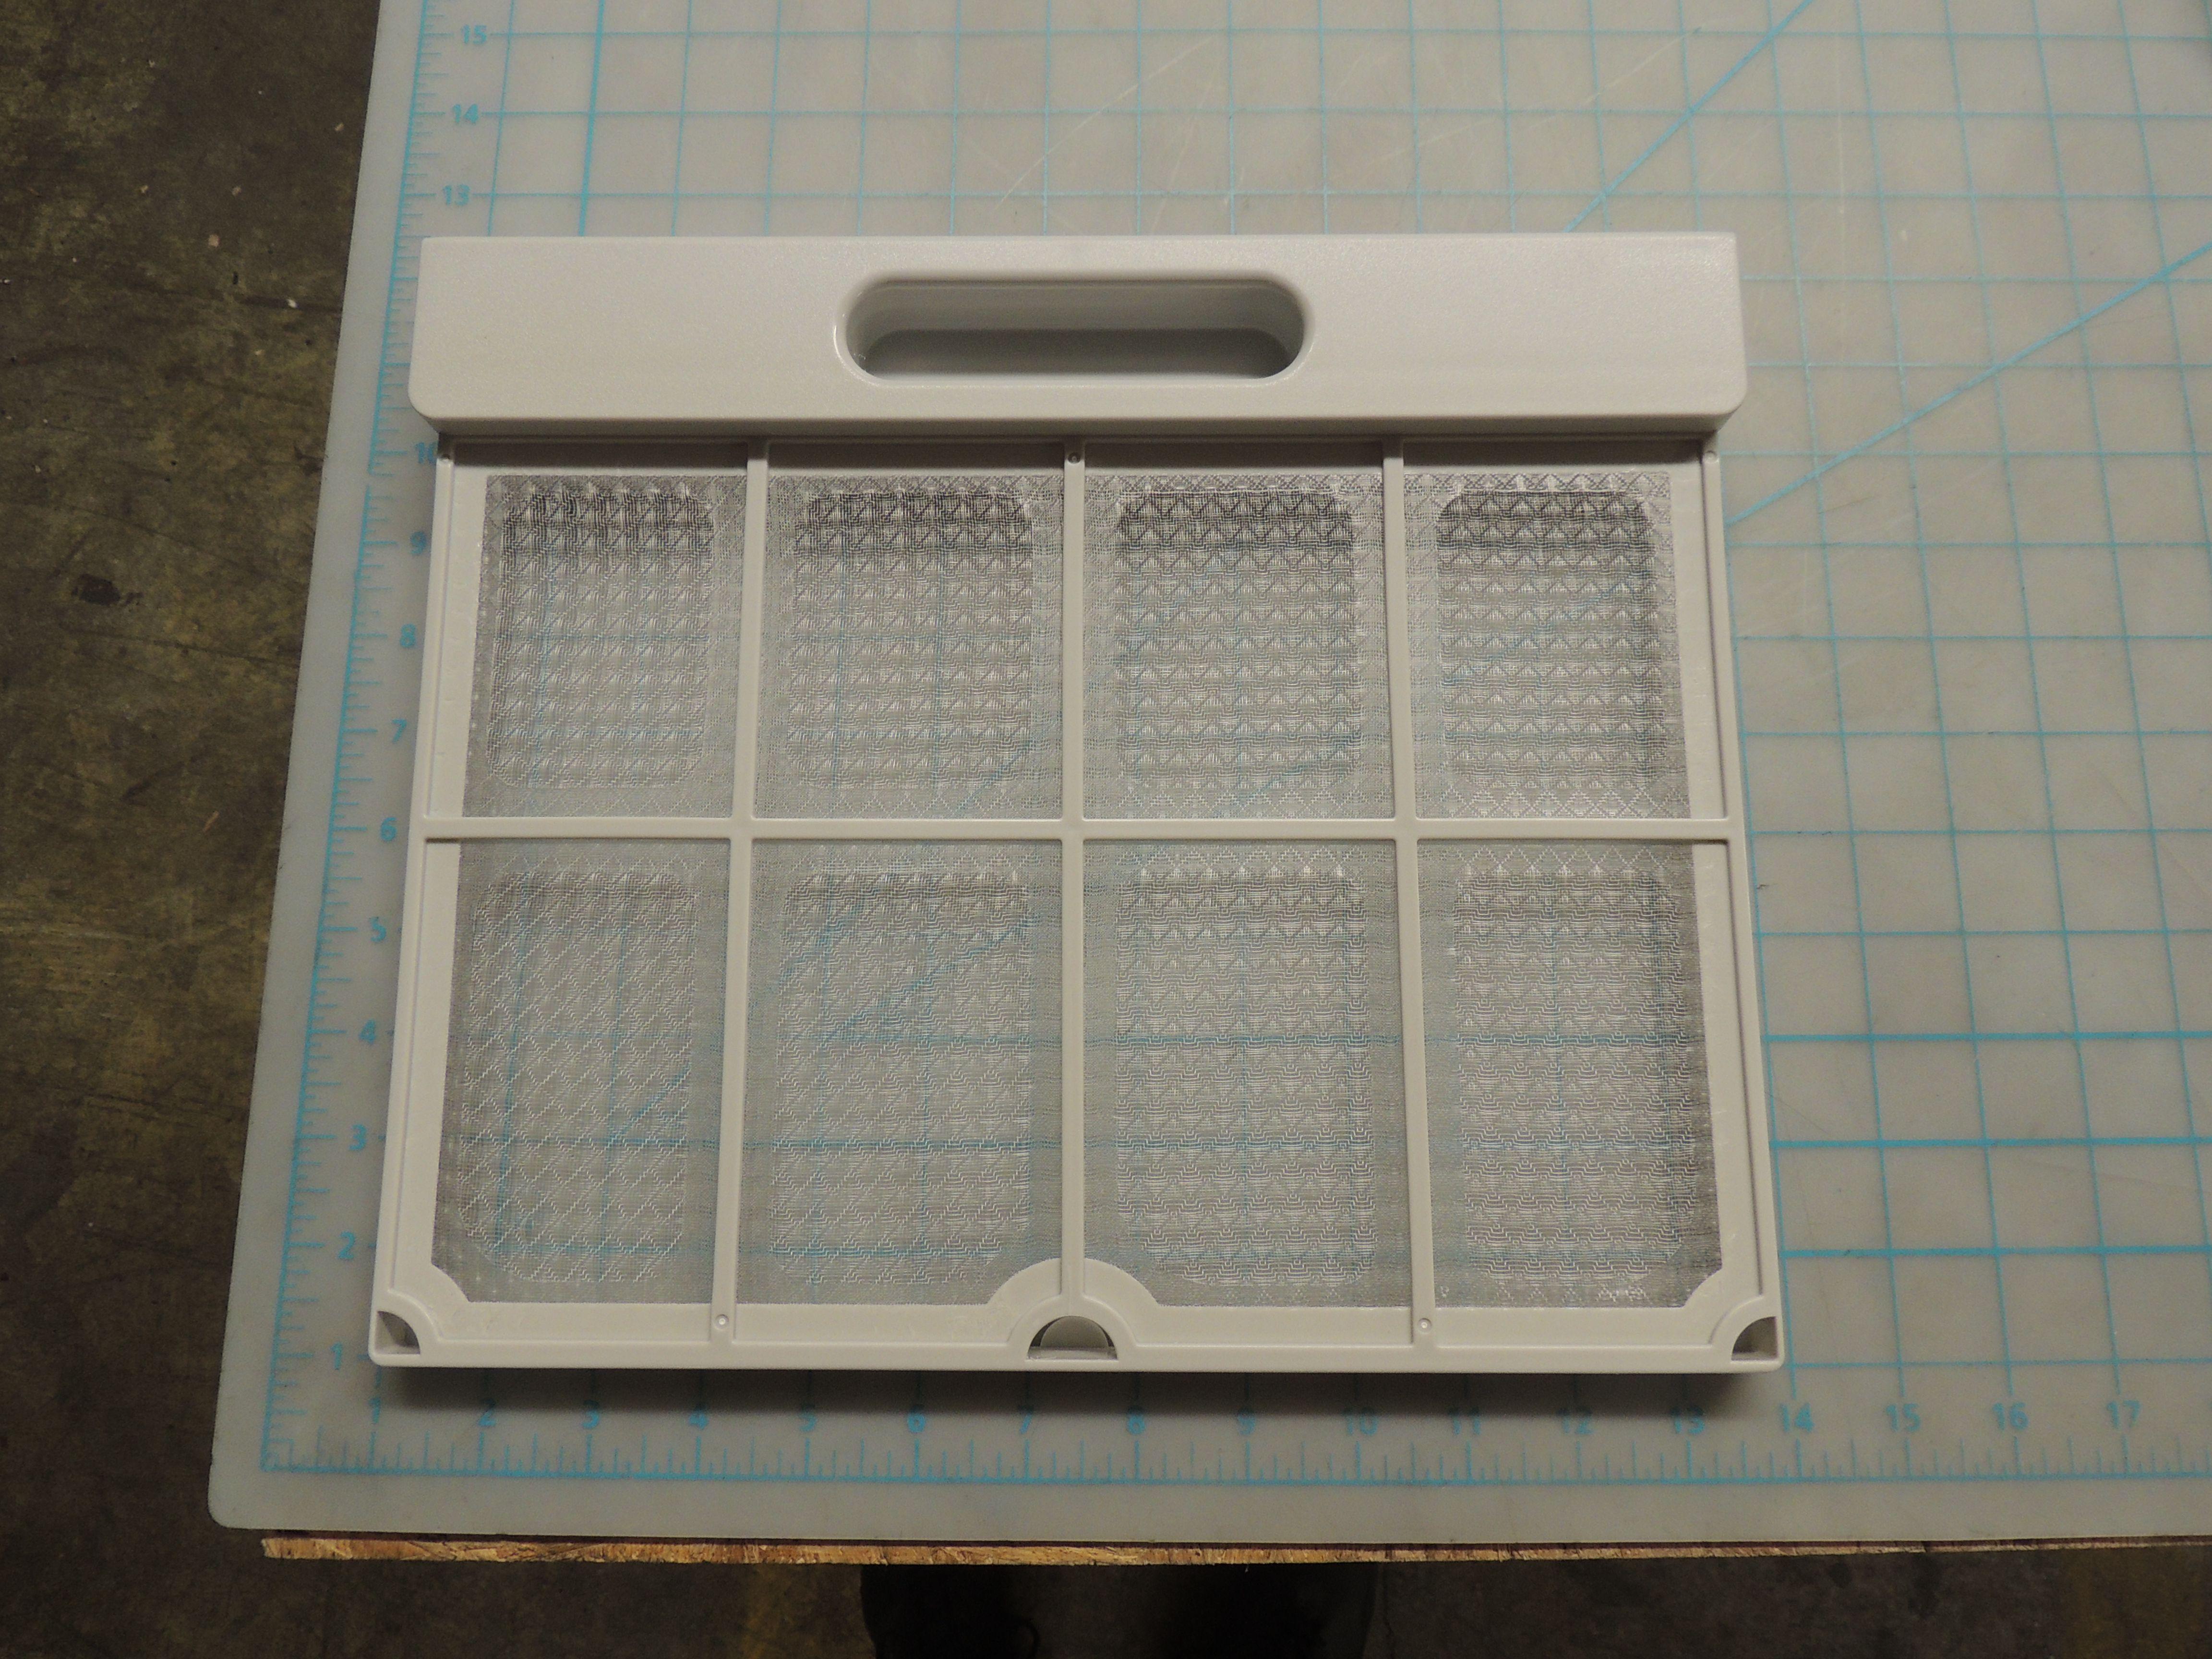 DPAC9009 AIR FILTER